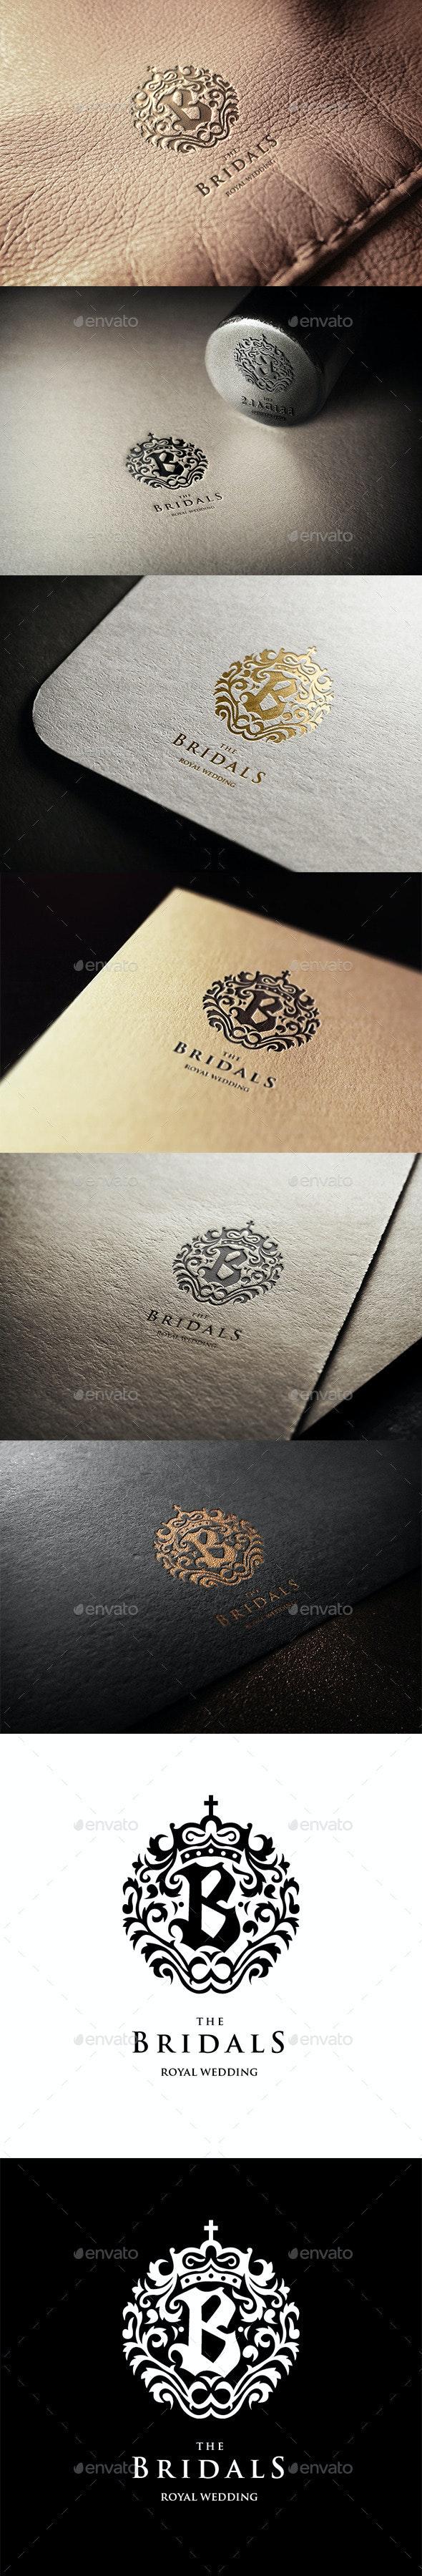 The Bridals Logo - Crests Logo Templates